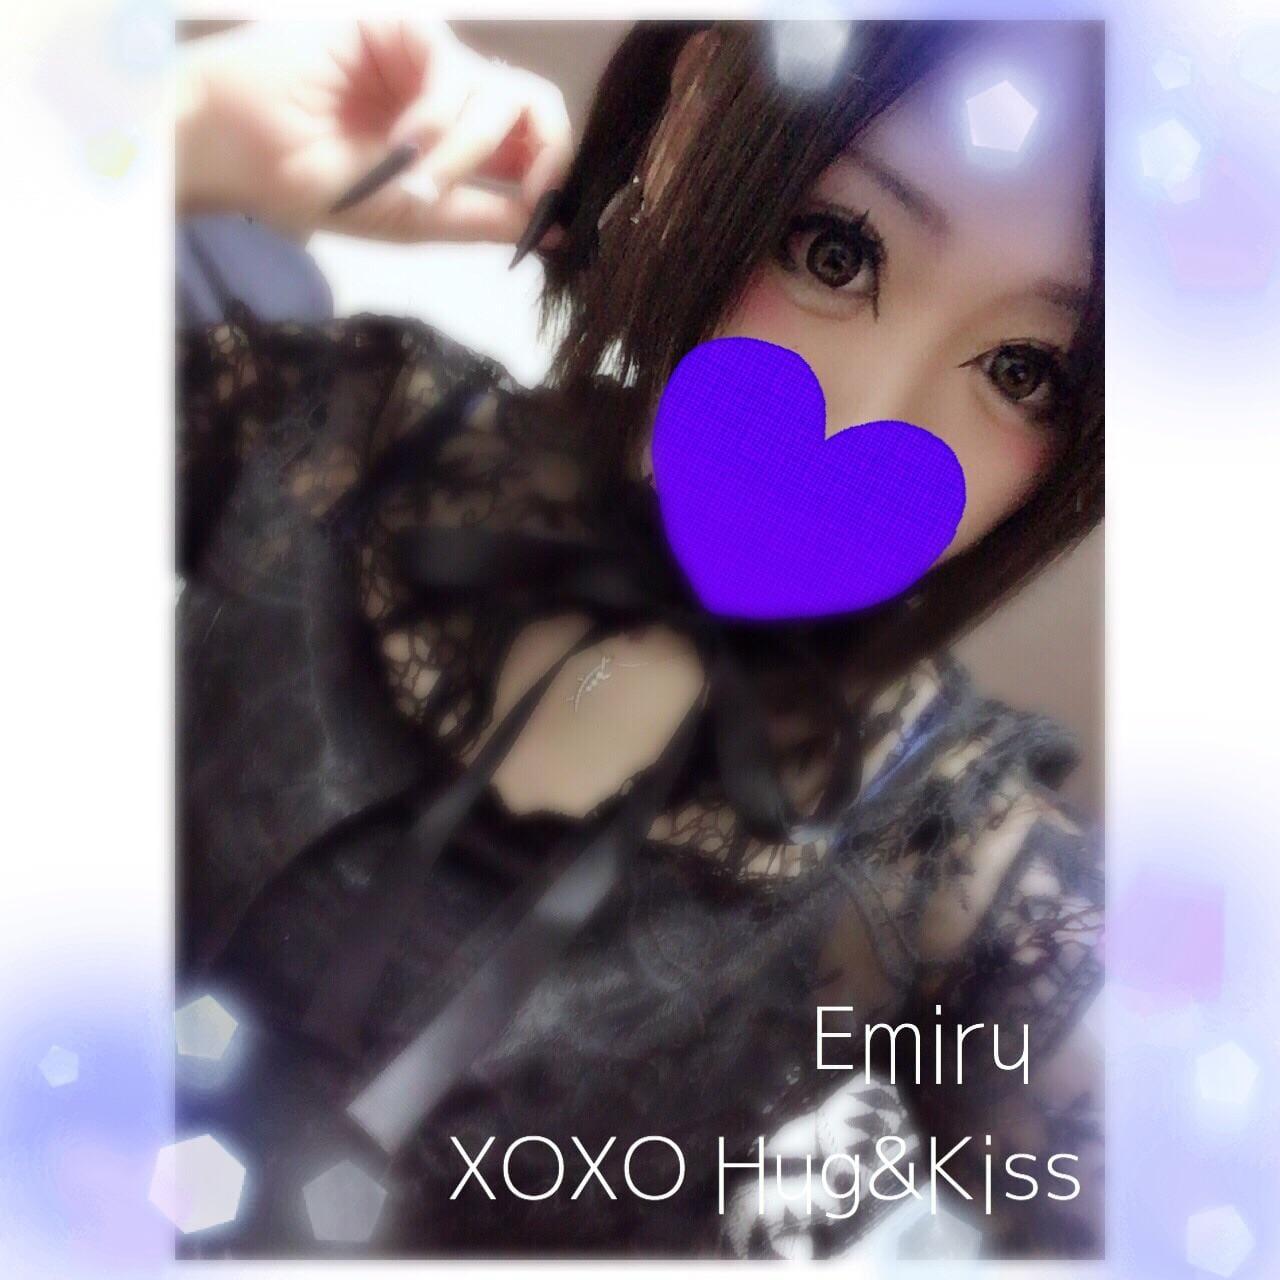 「えみゅ( ?????? )」07/09(月) 21:34 | Emiru エミルの写メ・風俗動画